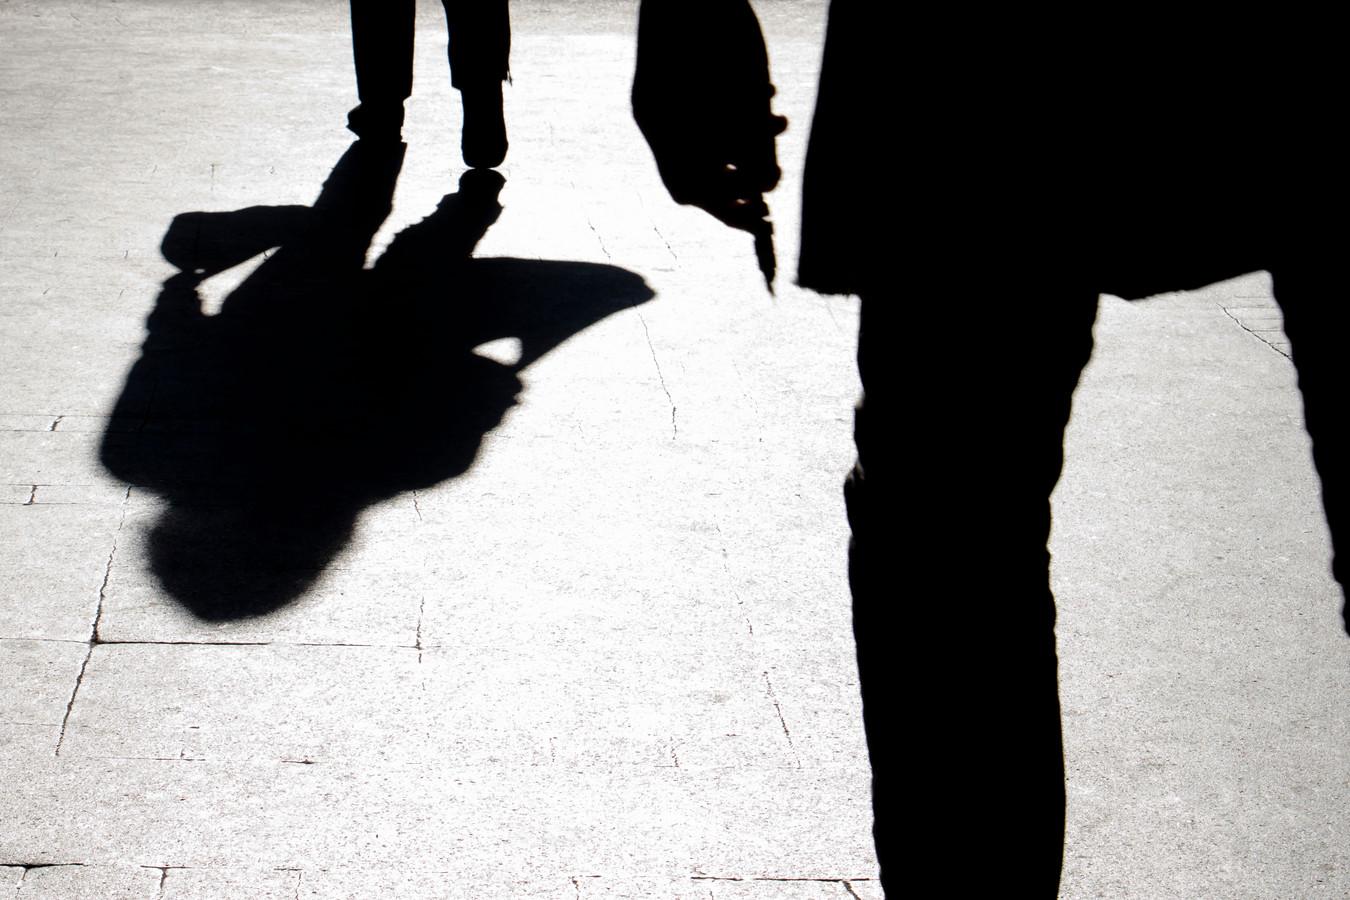 stockadr straatroof straatoverval overval diefstal roof bedreiging mes huiselijk geweld